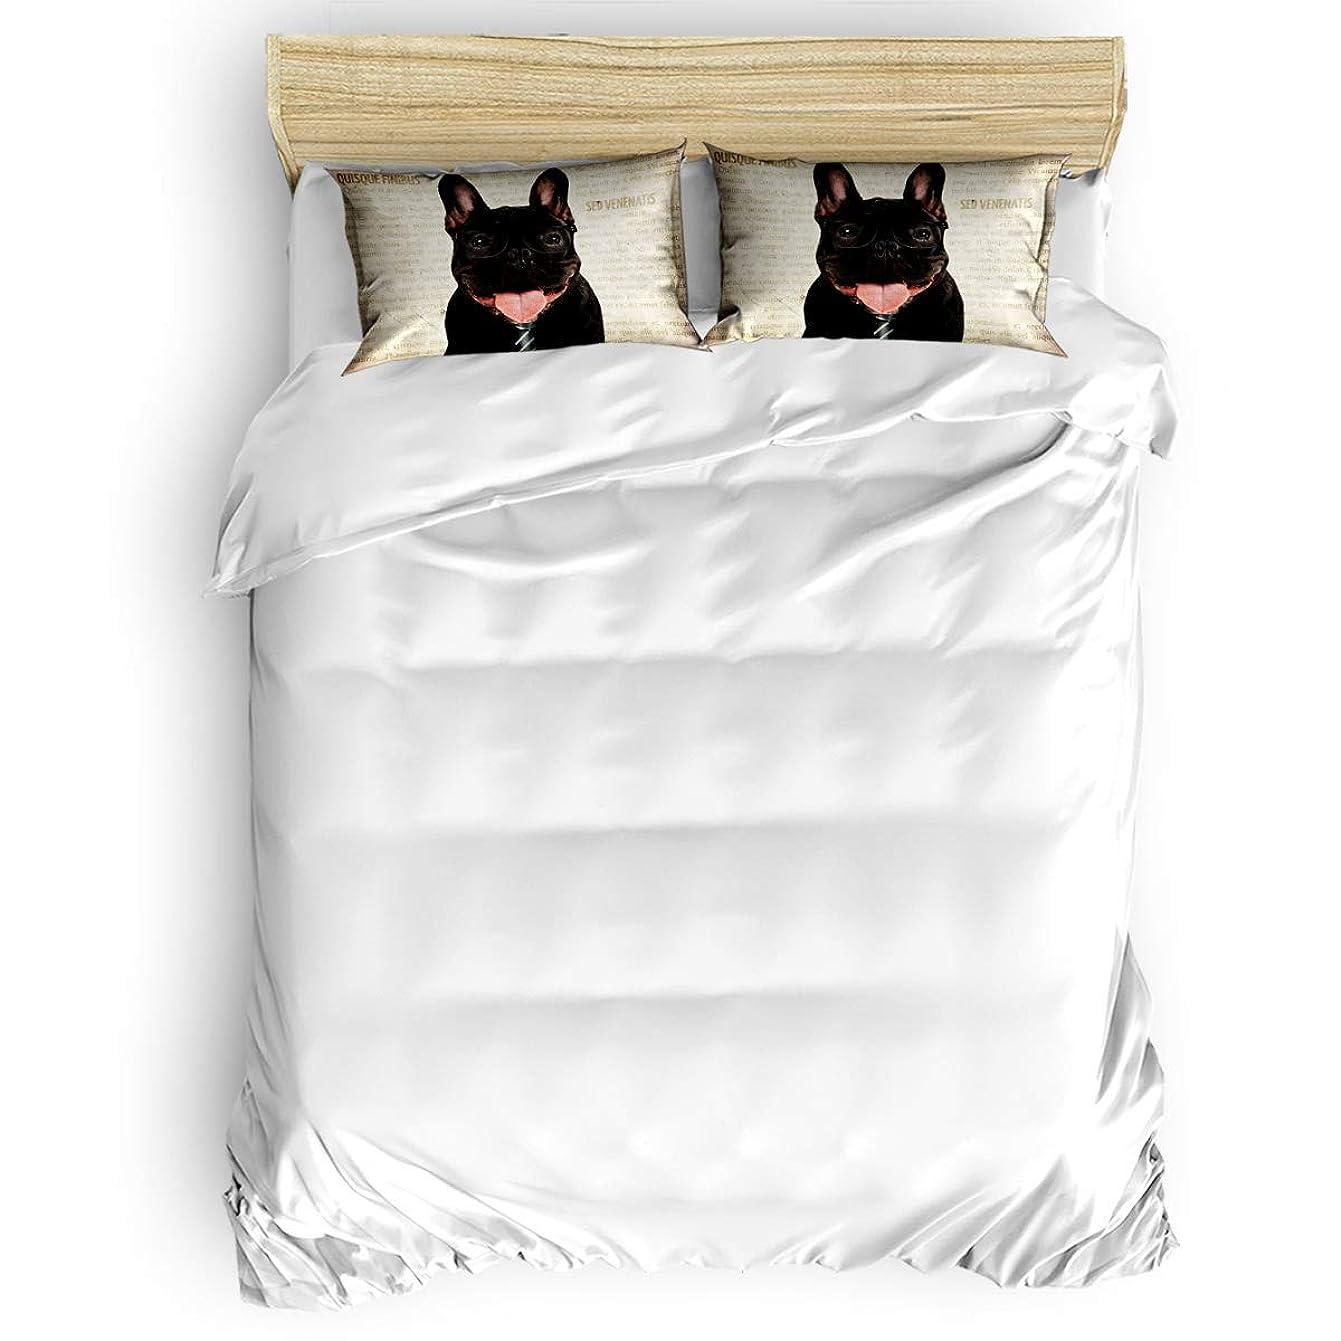 放つ爵見えない掛け布団カバー 4点セット レトロ 帽子 犬 寝具カバーセット ベッド用 べッドシーツ 枕カバー 洋式 和式兼用 布団カバー 肌に優しい 羽毛布団セット 100%ポリエステル クイーン